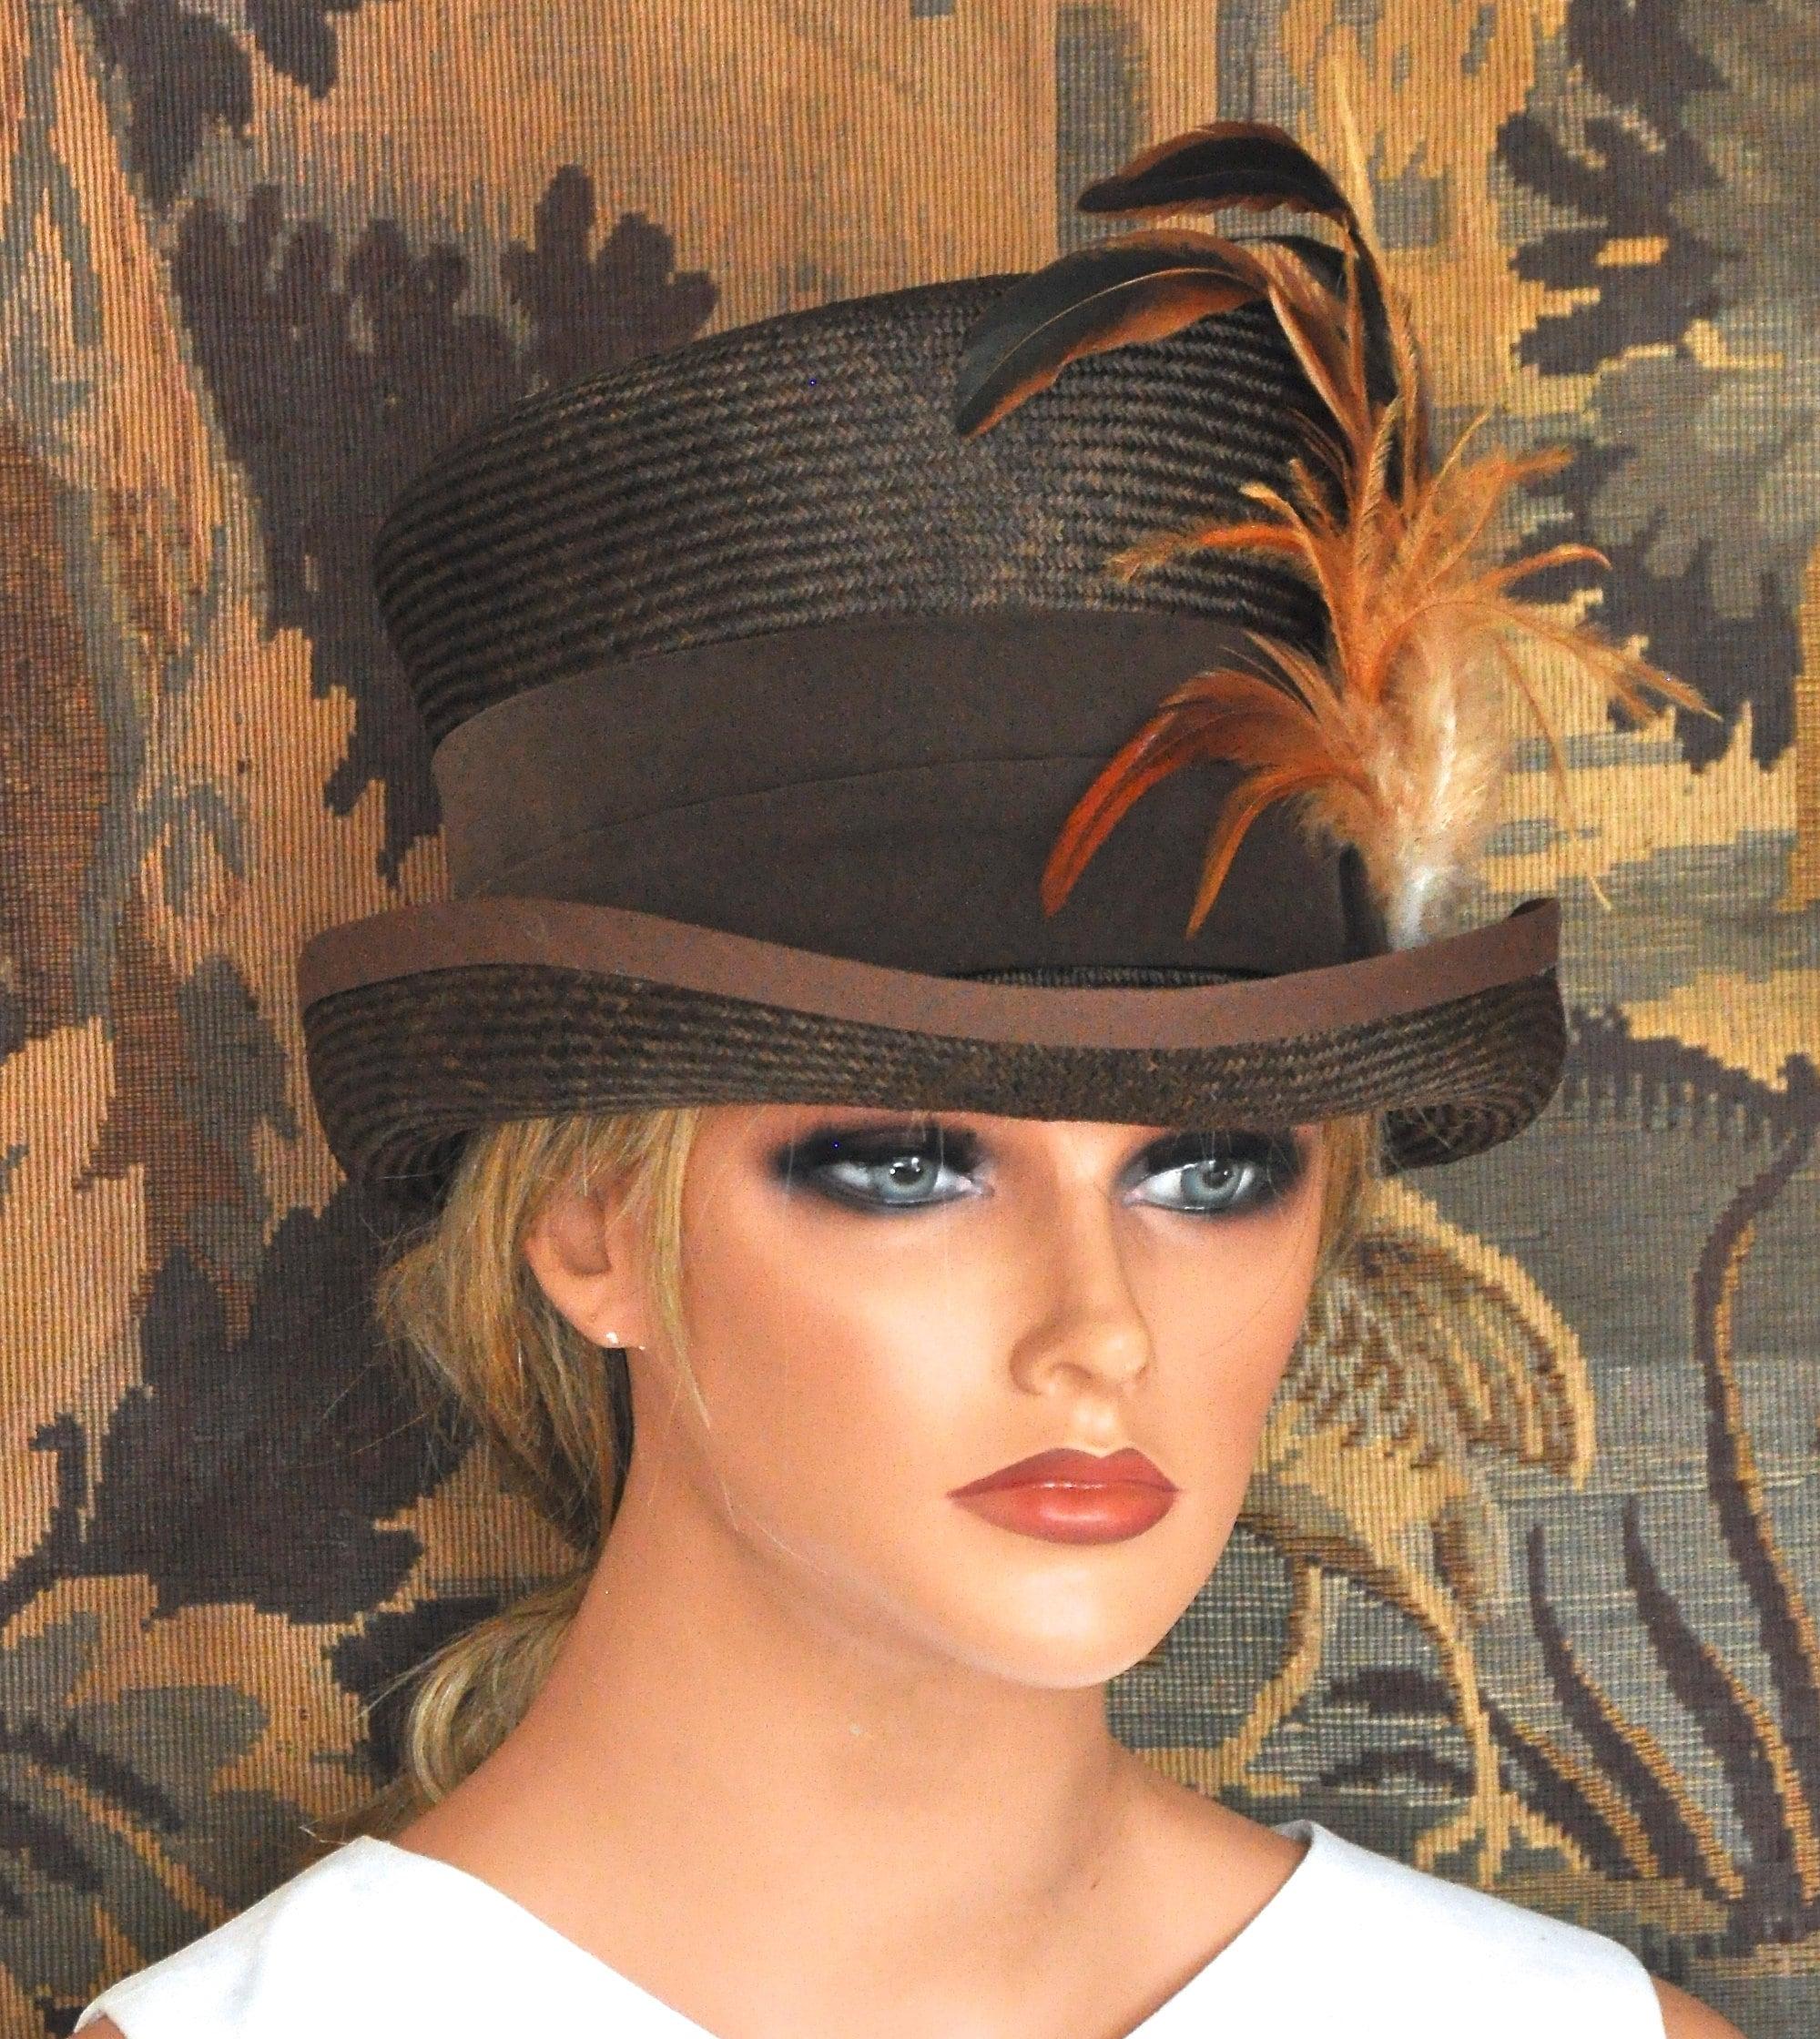 87fedaa49d483 Ladies Brown Hat